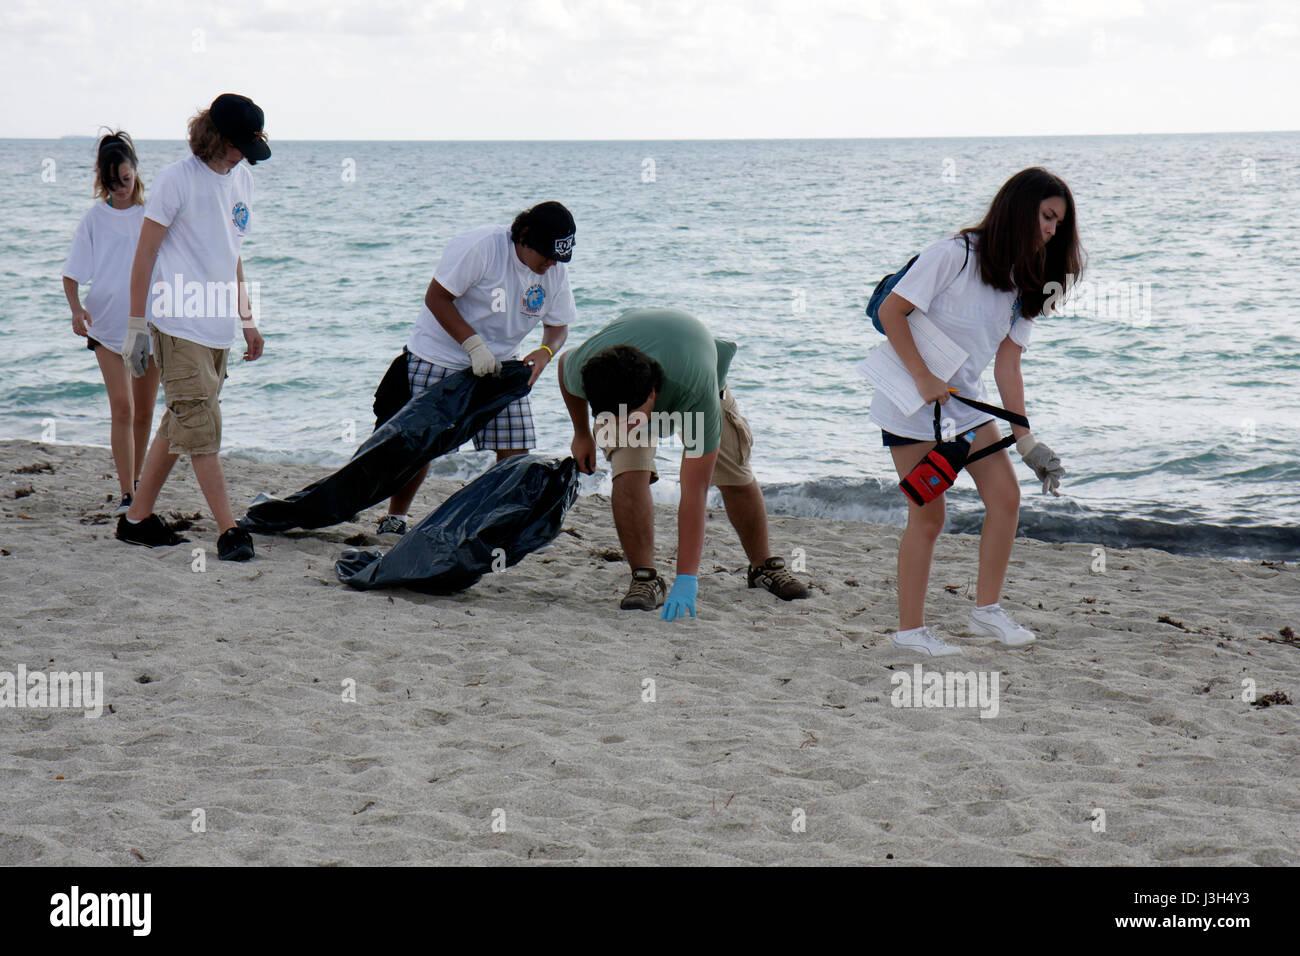 Miami Beach Florida Lummus Park International Coastal Cleanup volontari studente ragazze ragazzi adolescenti adolescenti Immagini Stock